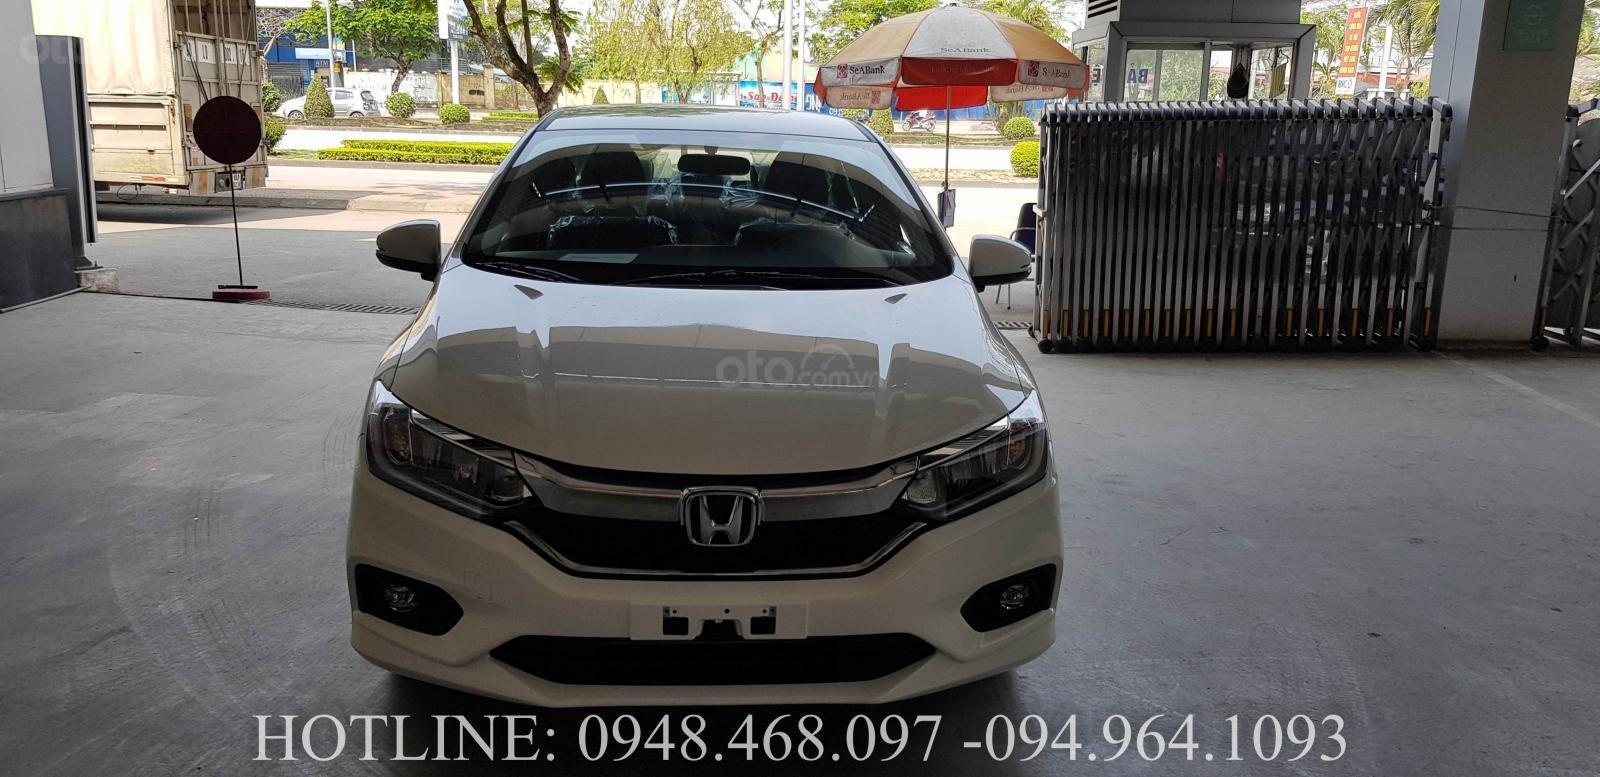 [Honda ô tô Hải Dương] Bán xe Honda City 1.5 L - Giá tốt nhất - Hotline: 094.964.1093 (2)